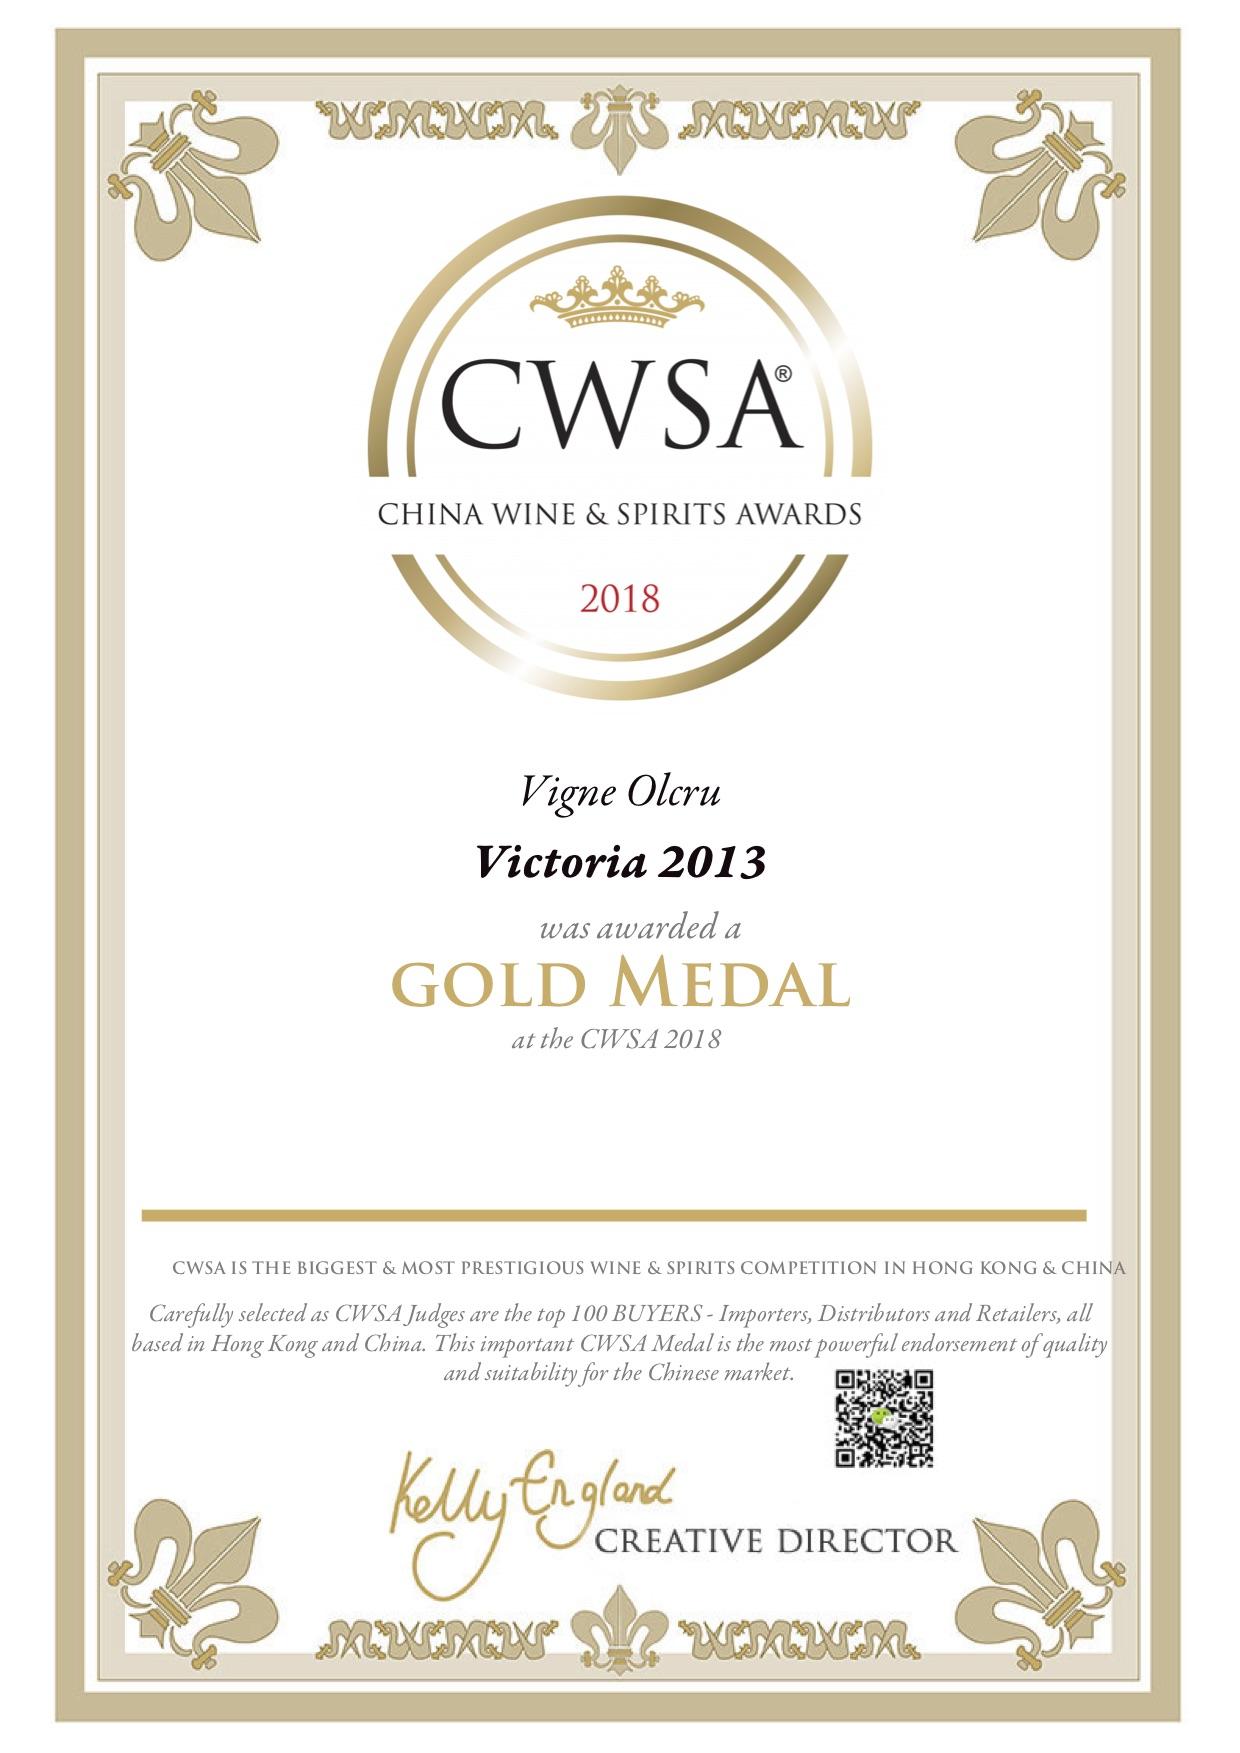 CWSA 2018 – Victoria 2013